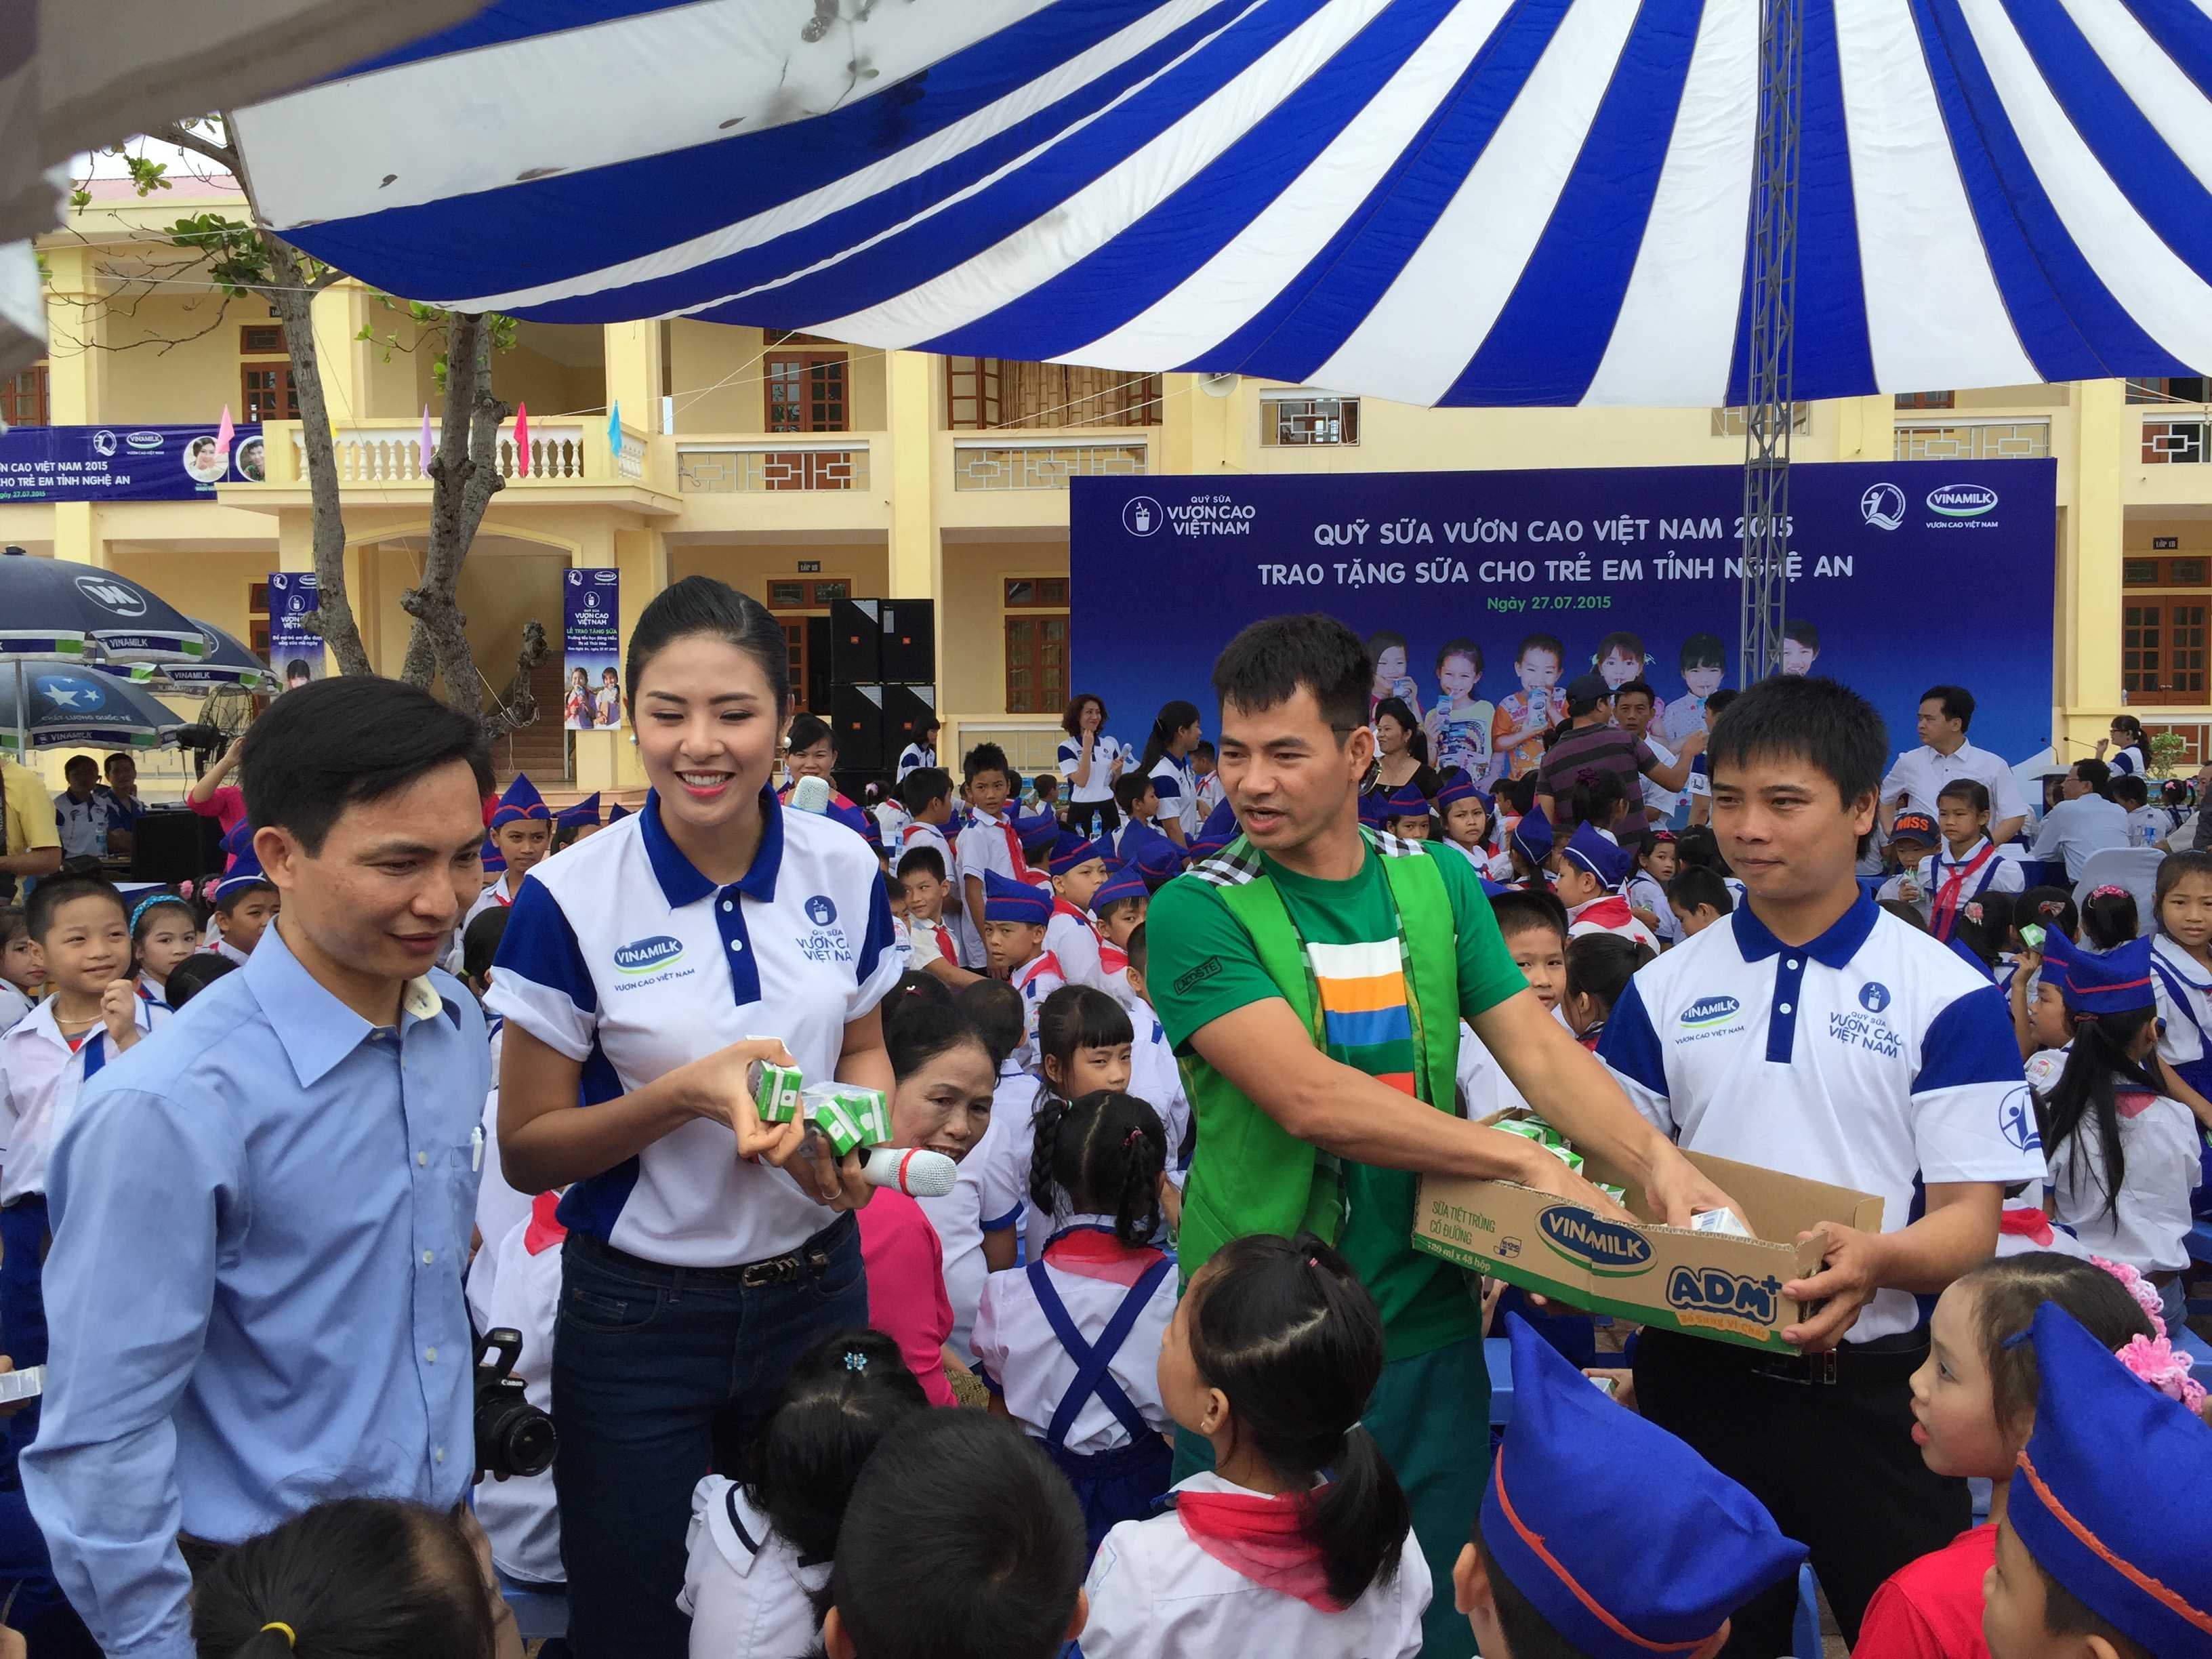 Các Đại sứ của chương trình trao tặng sữa cho các em học sinh